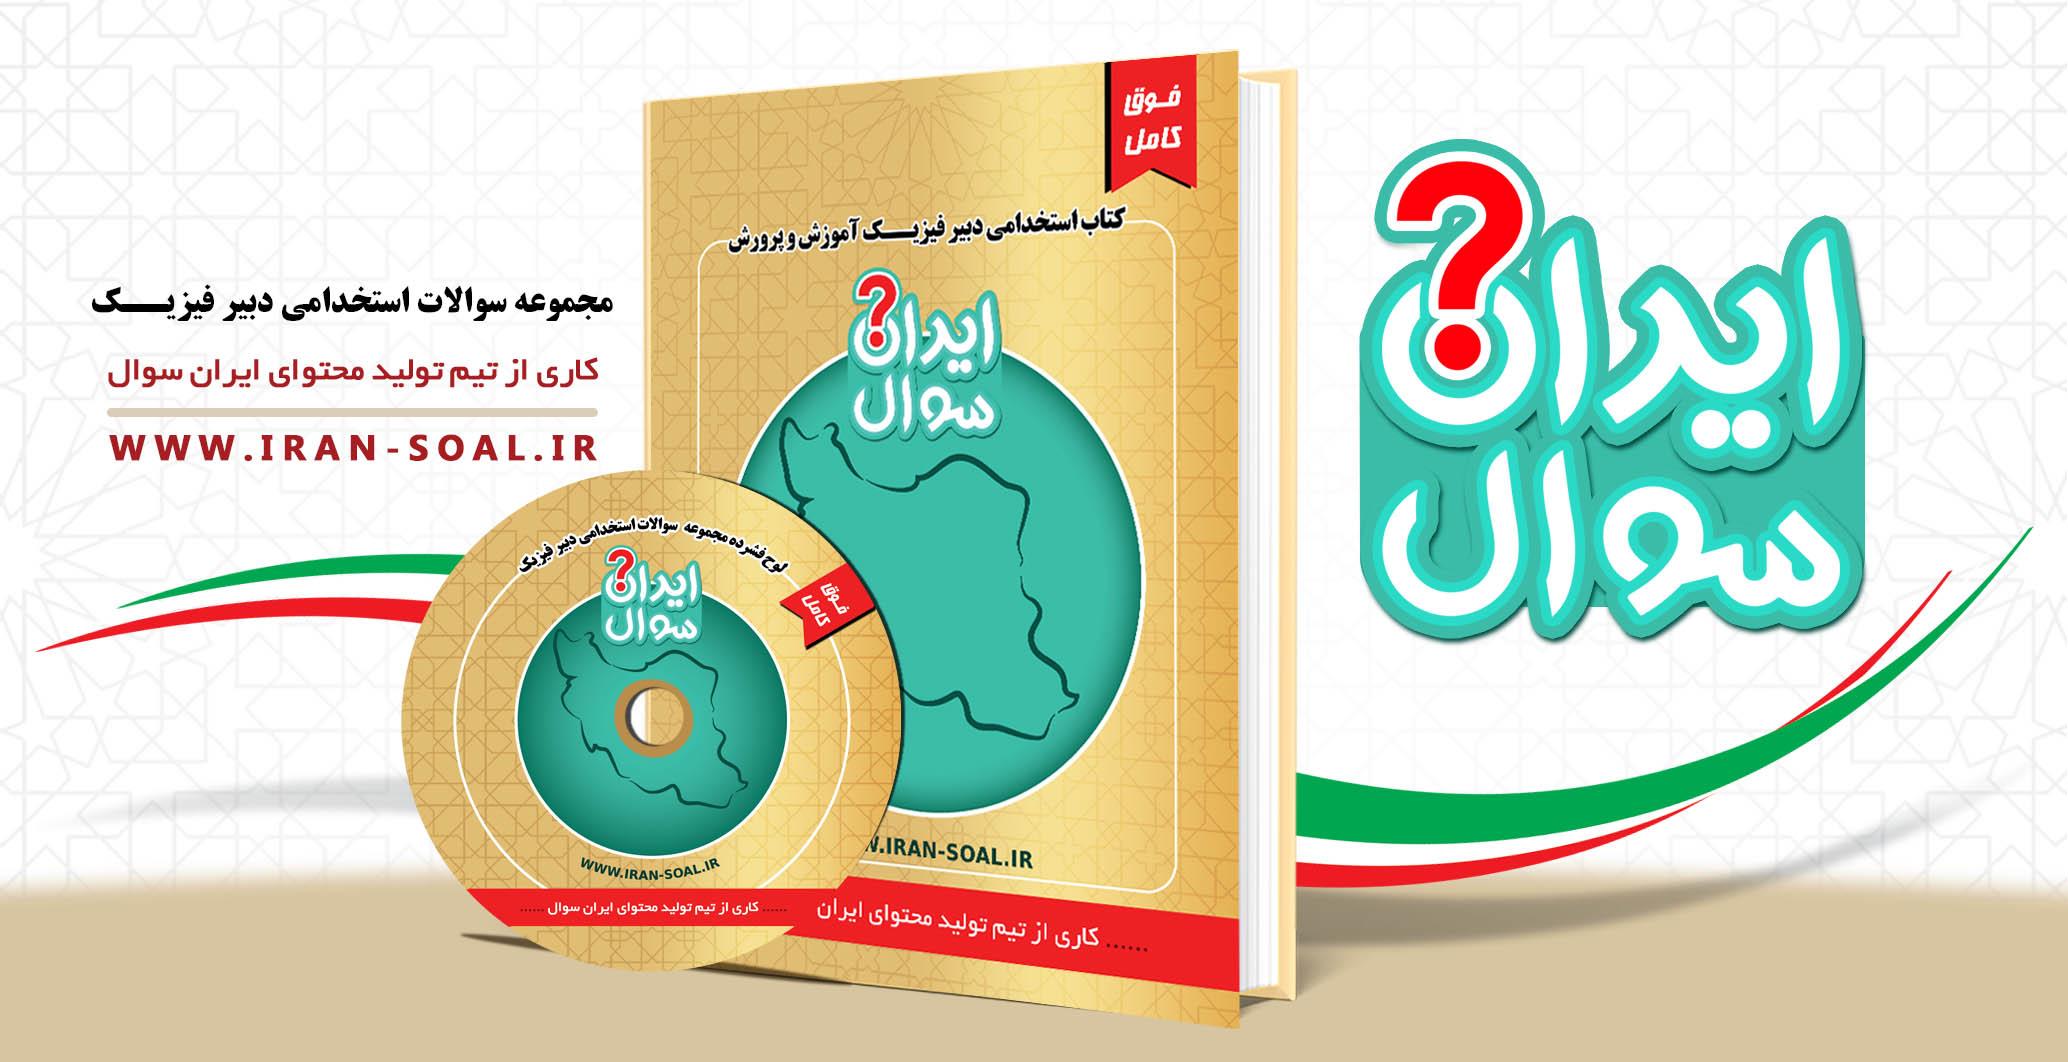 کتاب استخدامی دبیر فیزیک